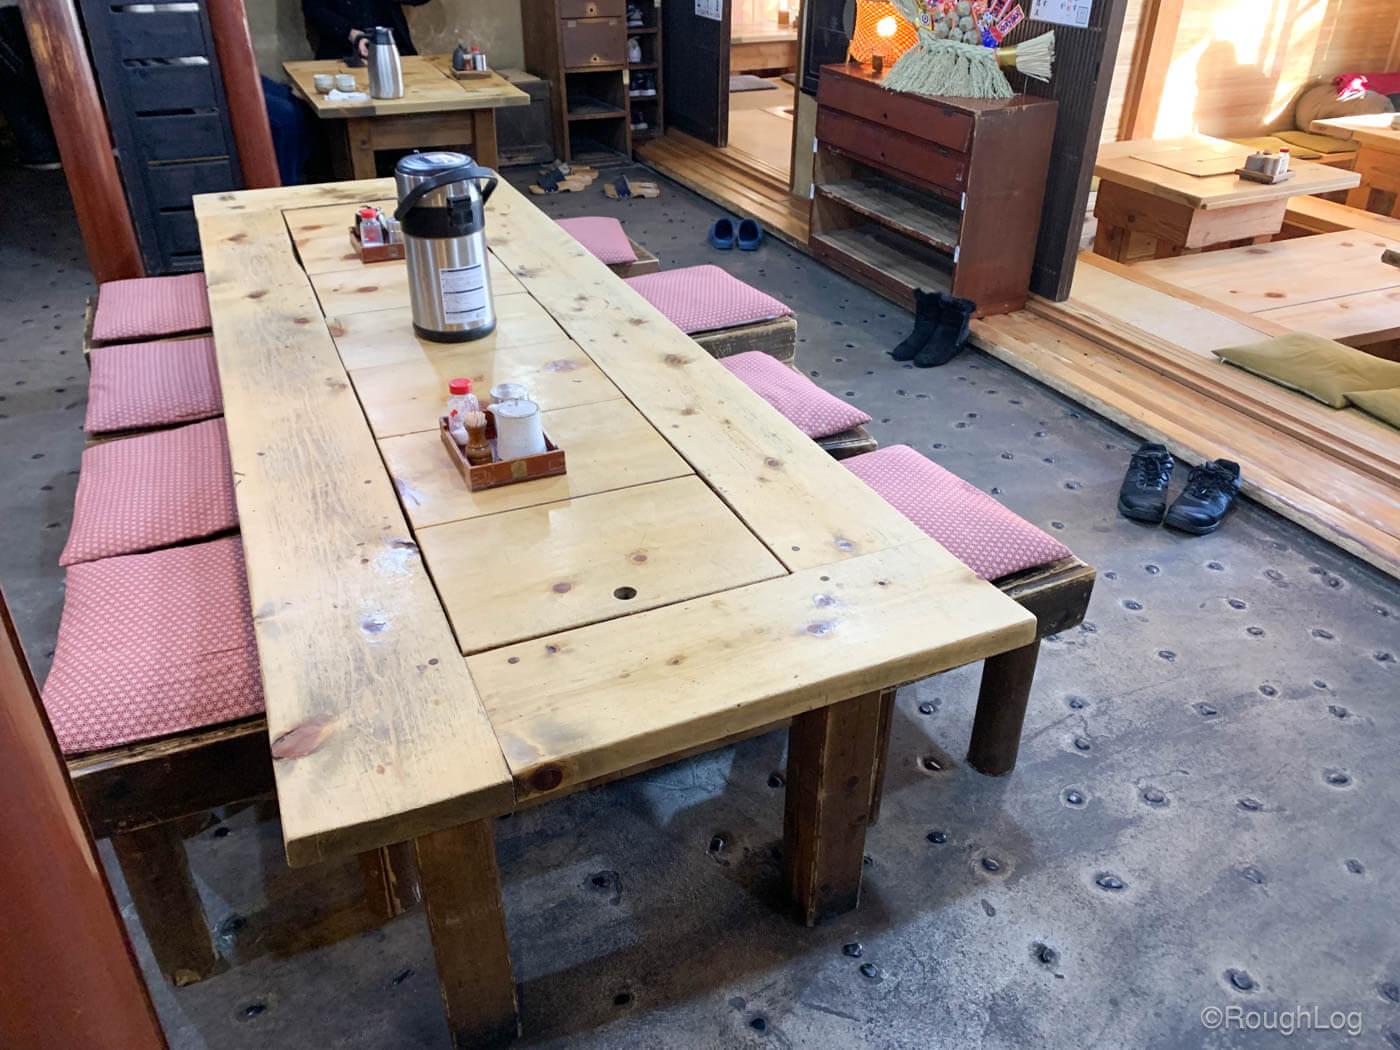 囲炉茶屋の古民家風で趣のある店内